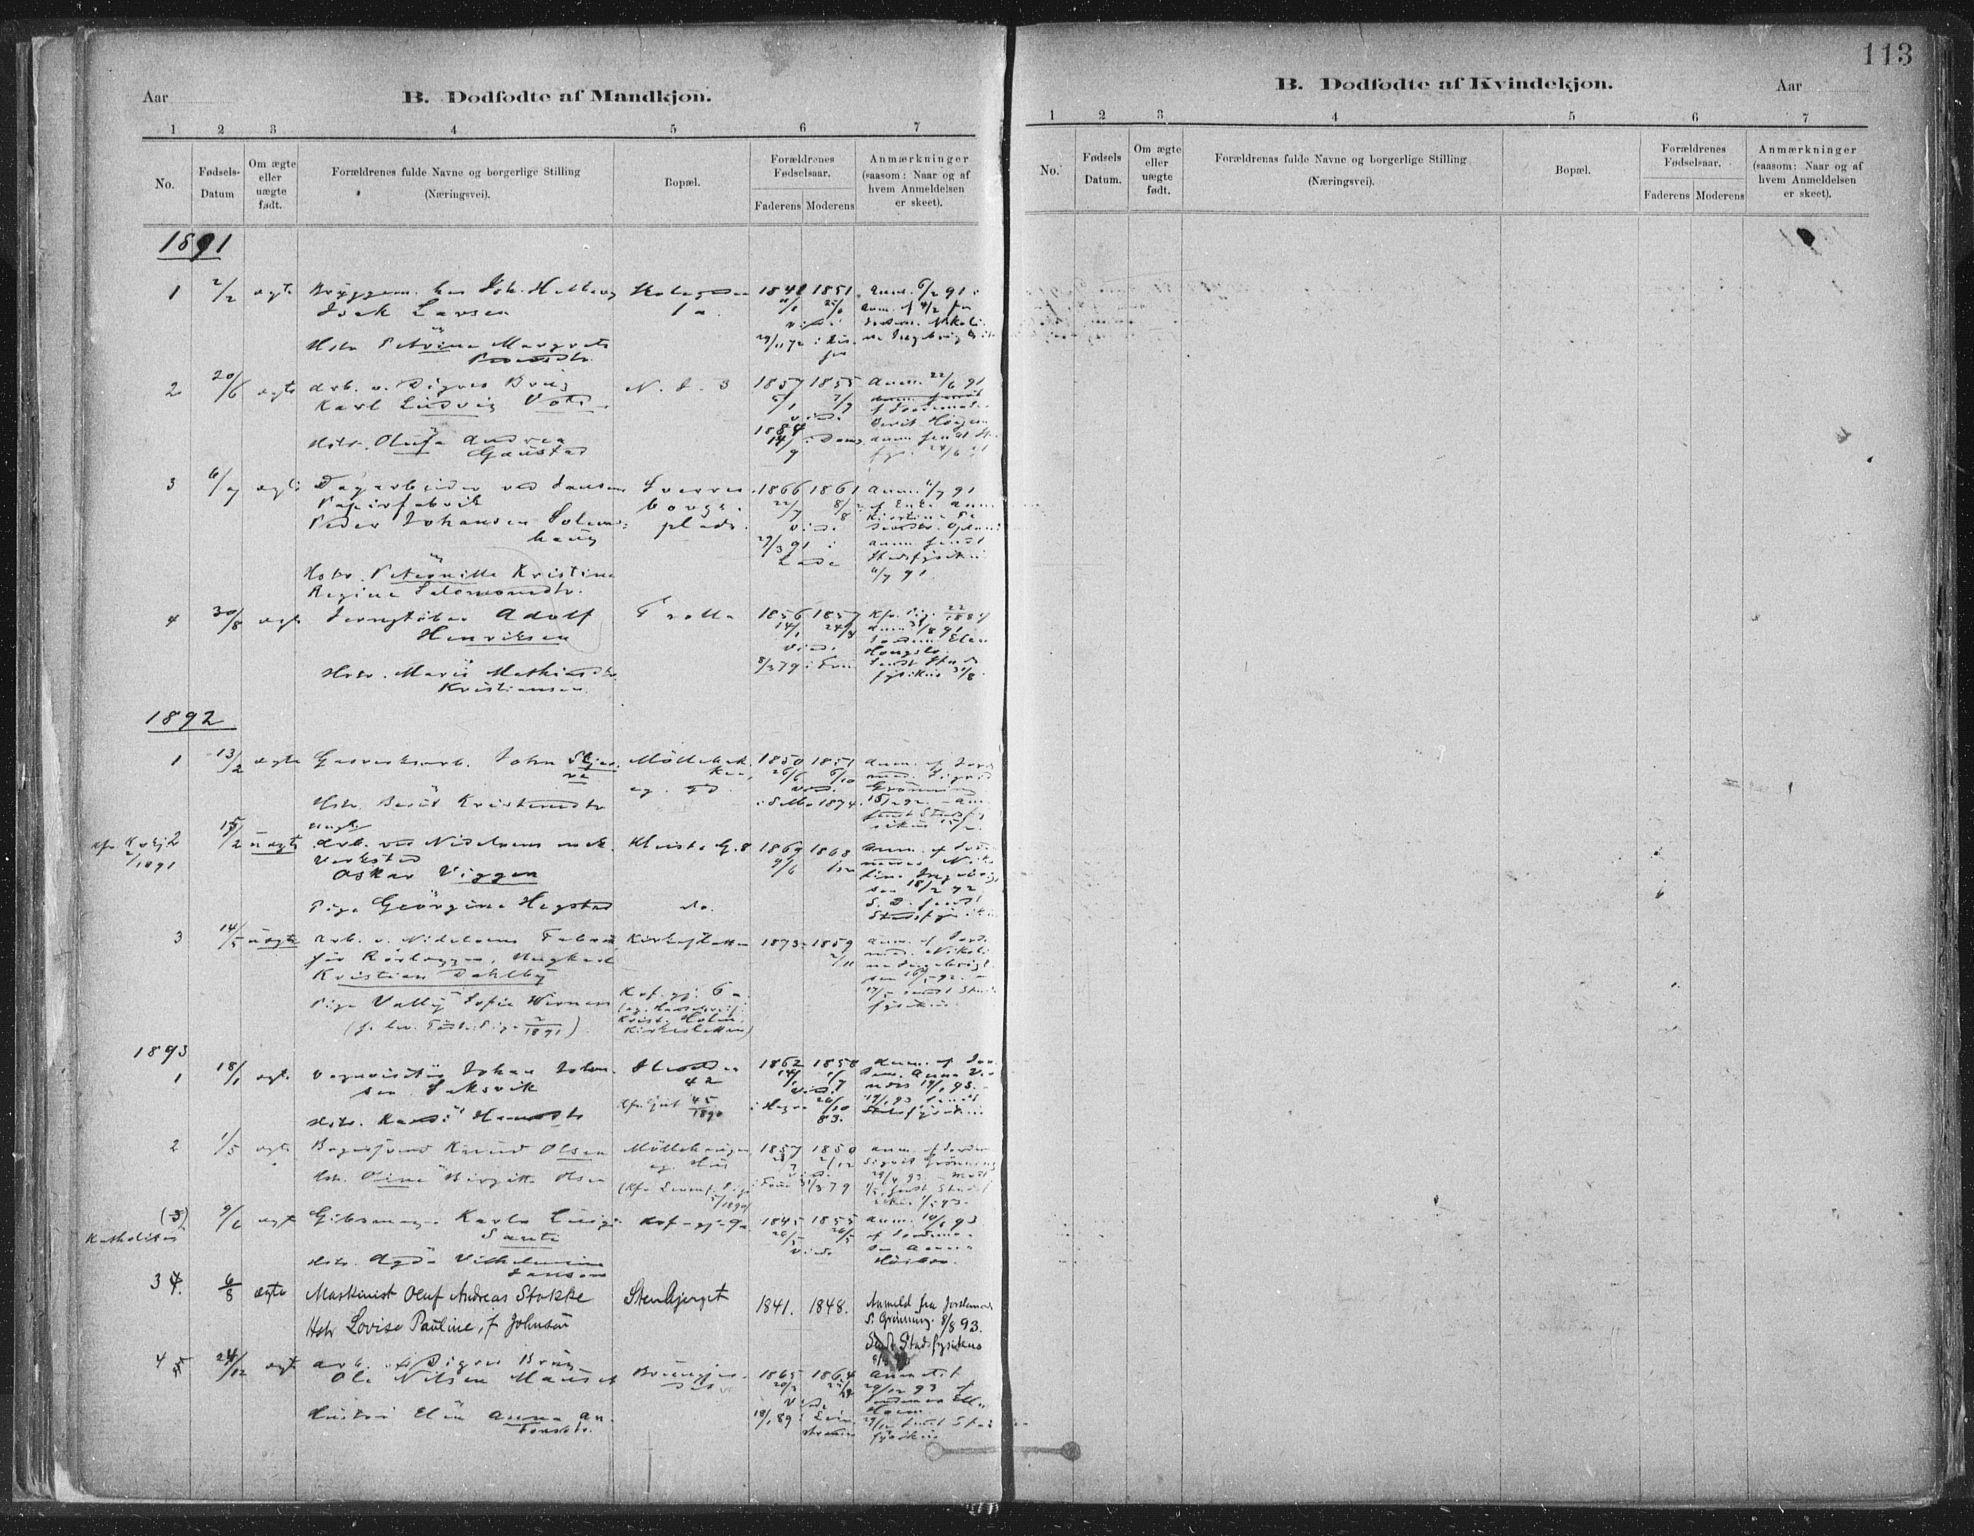 SAT, Ministerialprotokoller, klokkerbøker og fødselsregistre - Sør-Trøndelag, 603/L0162: Ministerialbok nr. 603A01, 1879-1895, s. 113